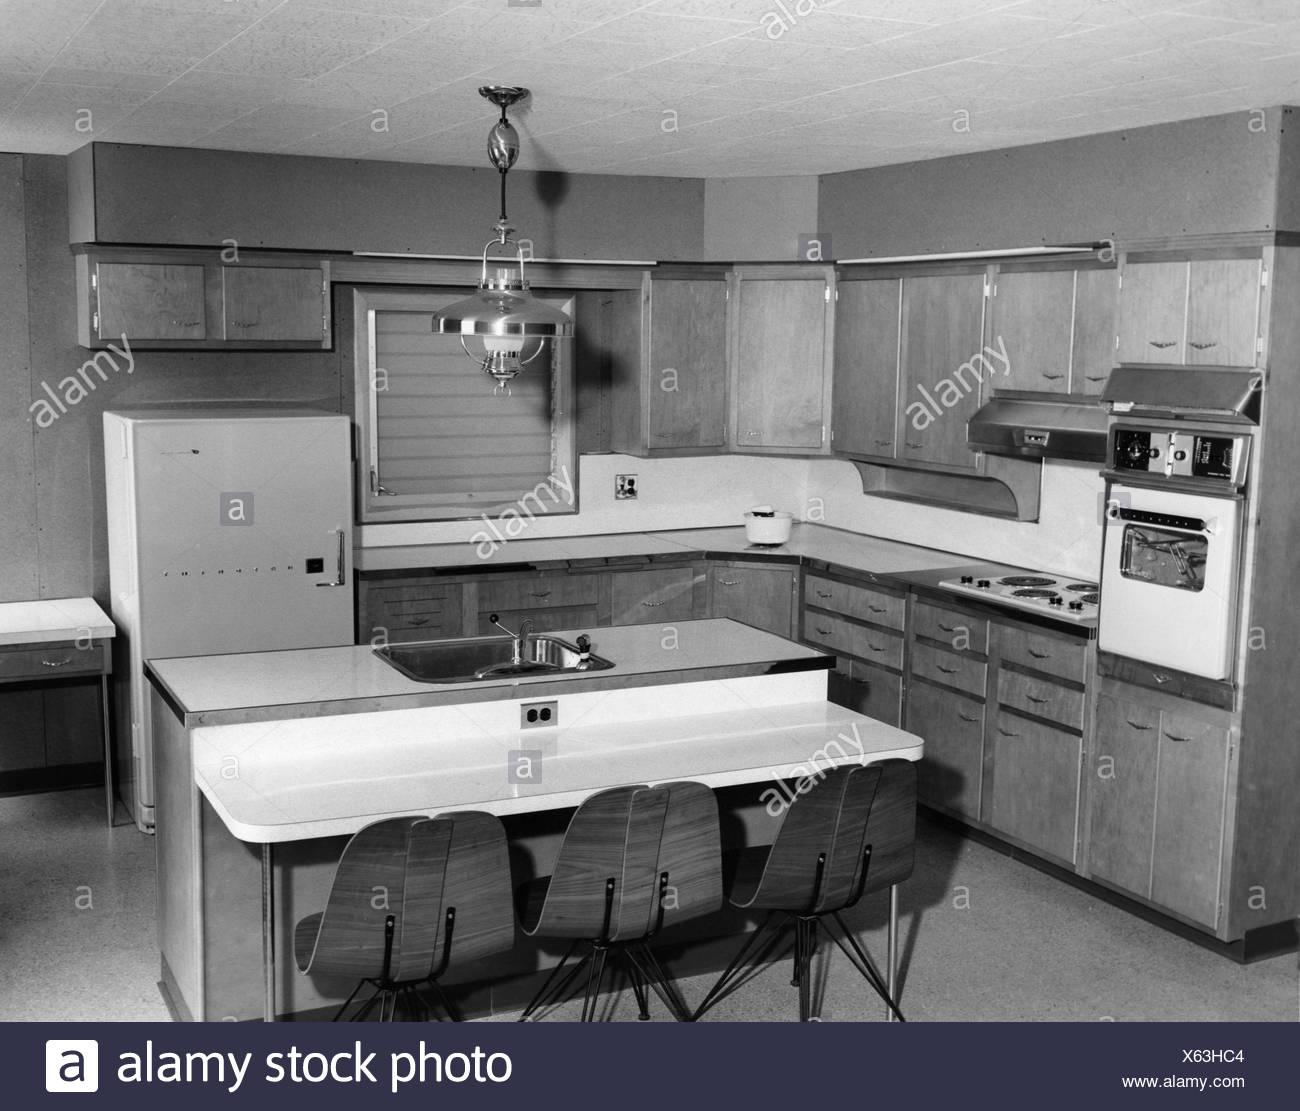 Tolle Küchenwand Malen Ideen Uk Bilder - Ideen Für Die Küche ...